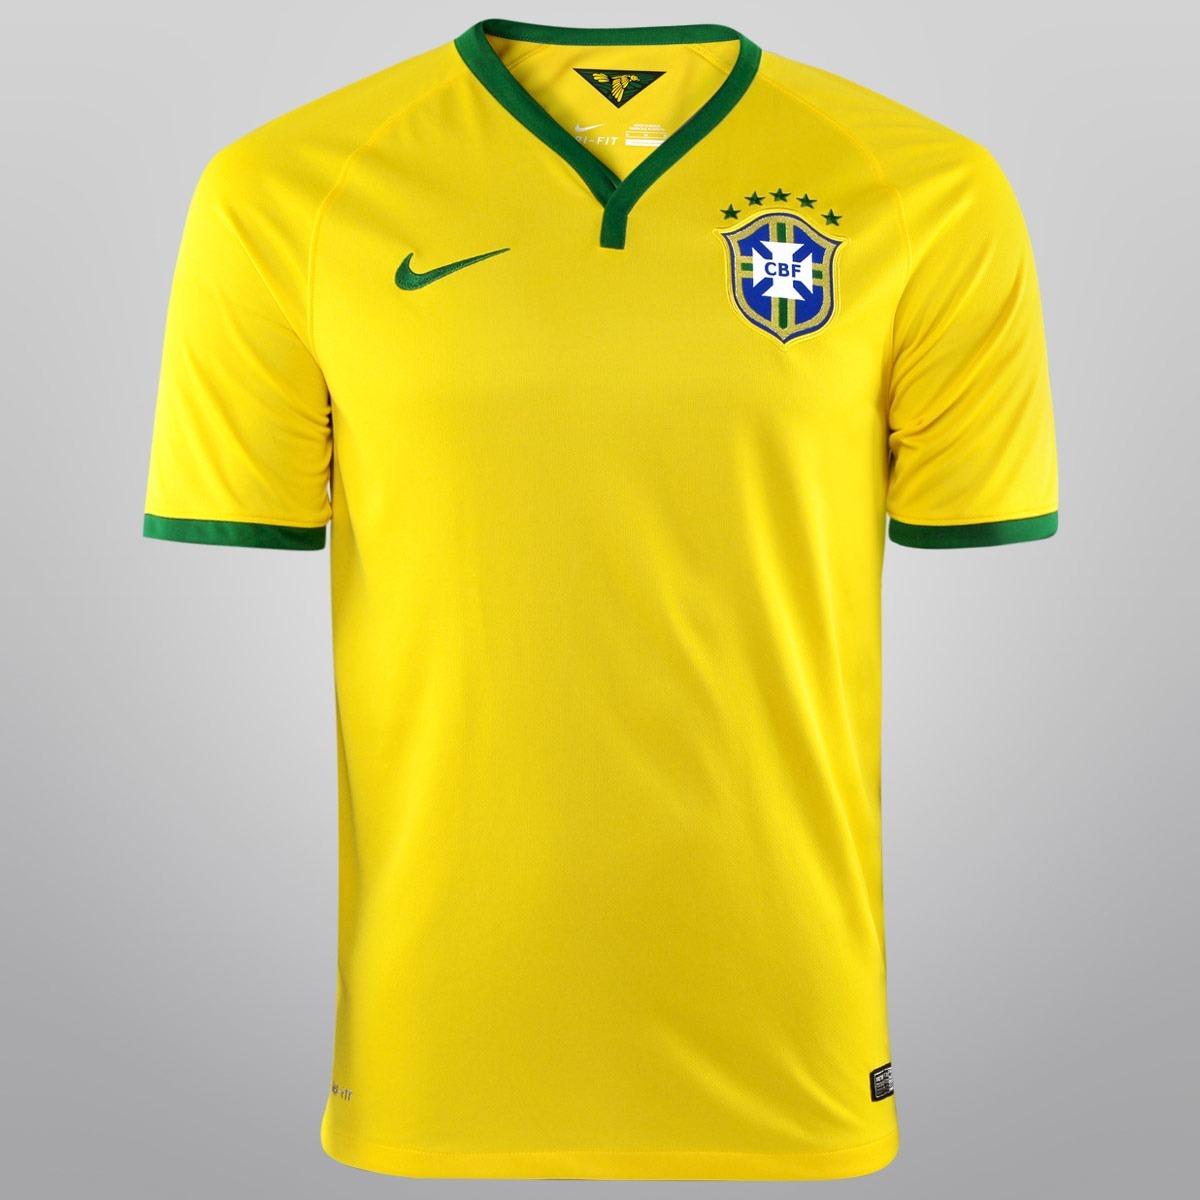 2b2b2ed024 Camisa Brasil Cbf - Nike